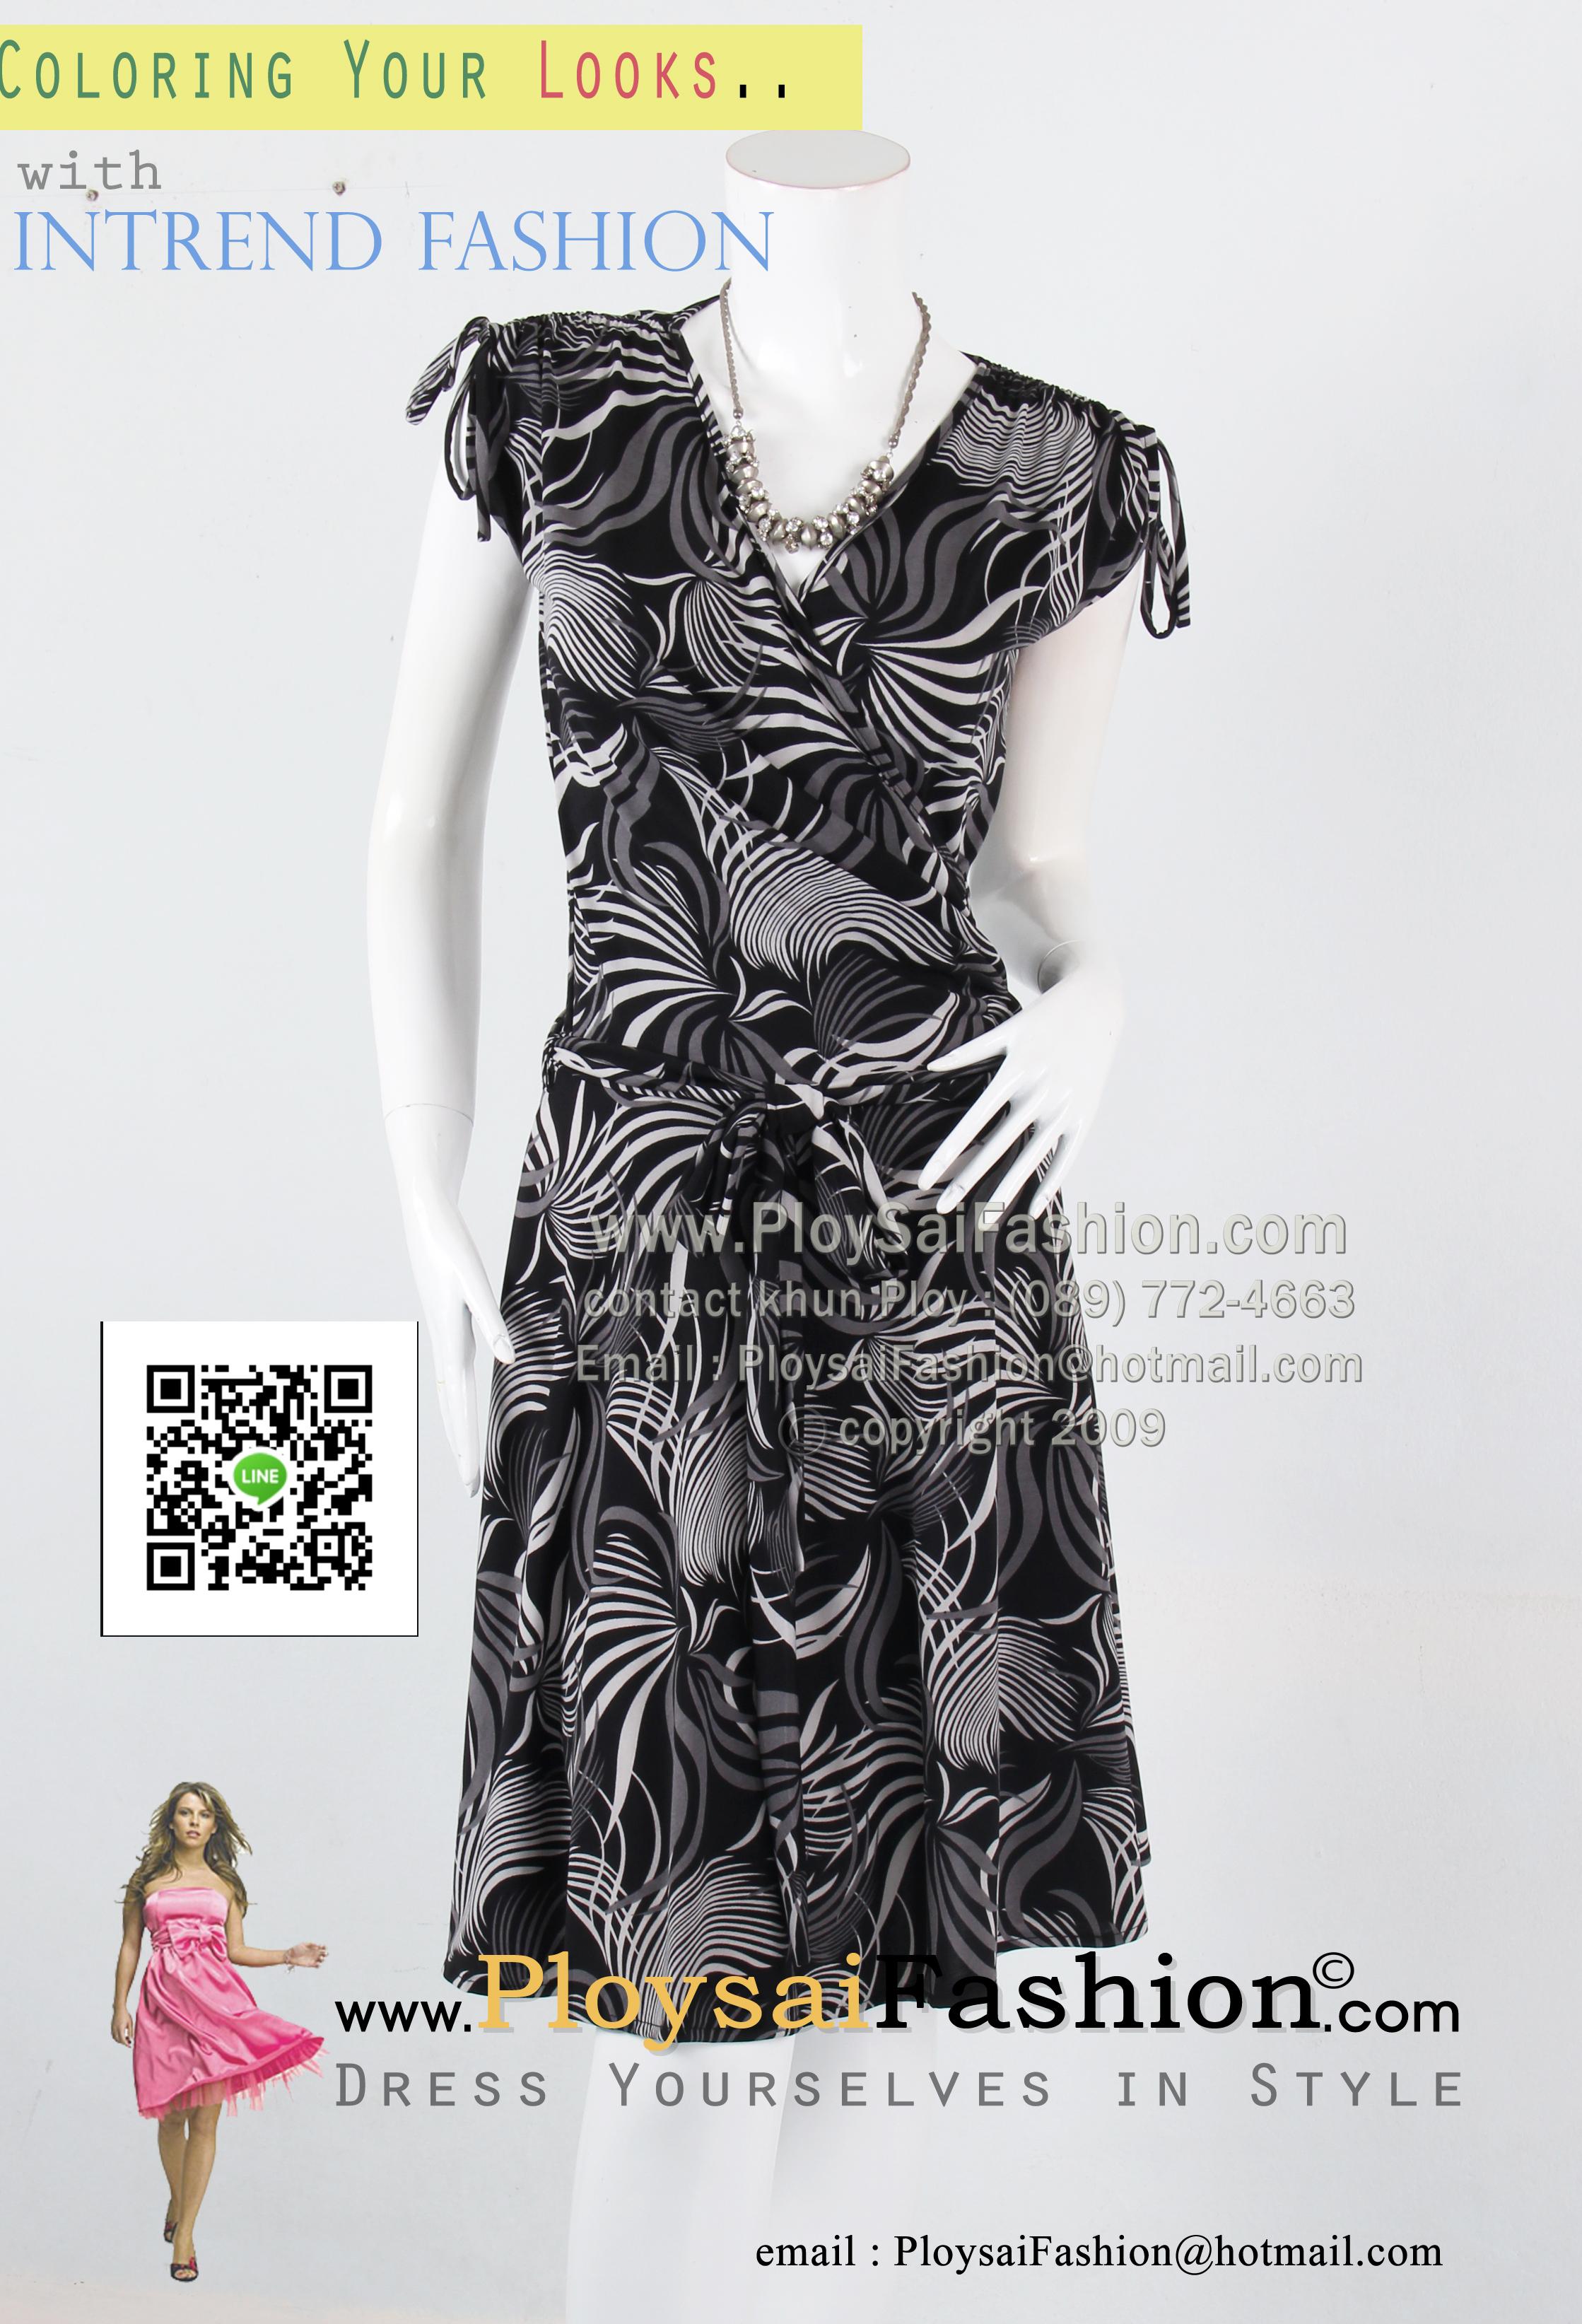 bw269 - ชุดเดรสผ้าเกาหลี พิมพ์ลายขาวดำ แขนล้ำพร้อมปรับรูดช่วงไหล่ ตัวเสื้อดีไซน์ป้าย ผ้าผูกเอวแยกชิ้น